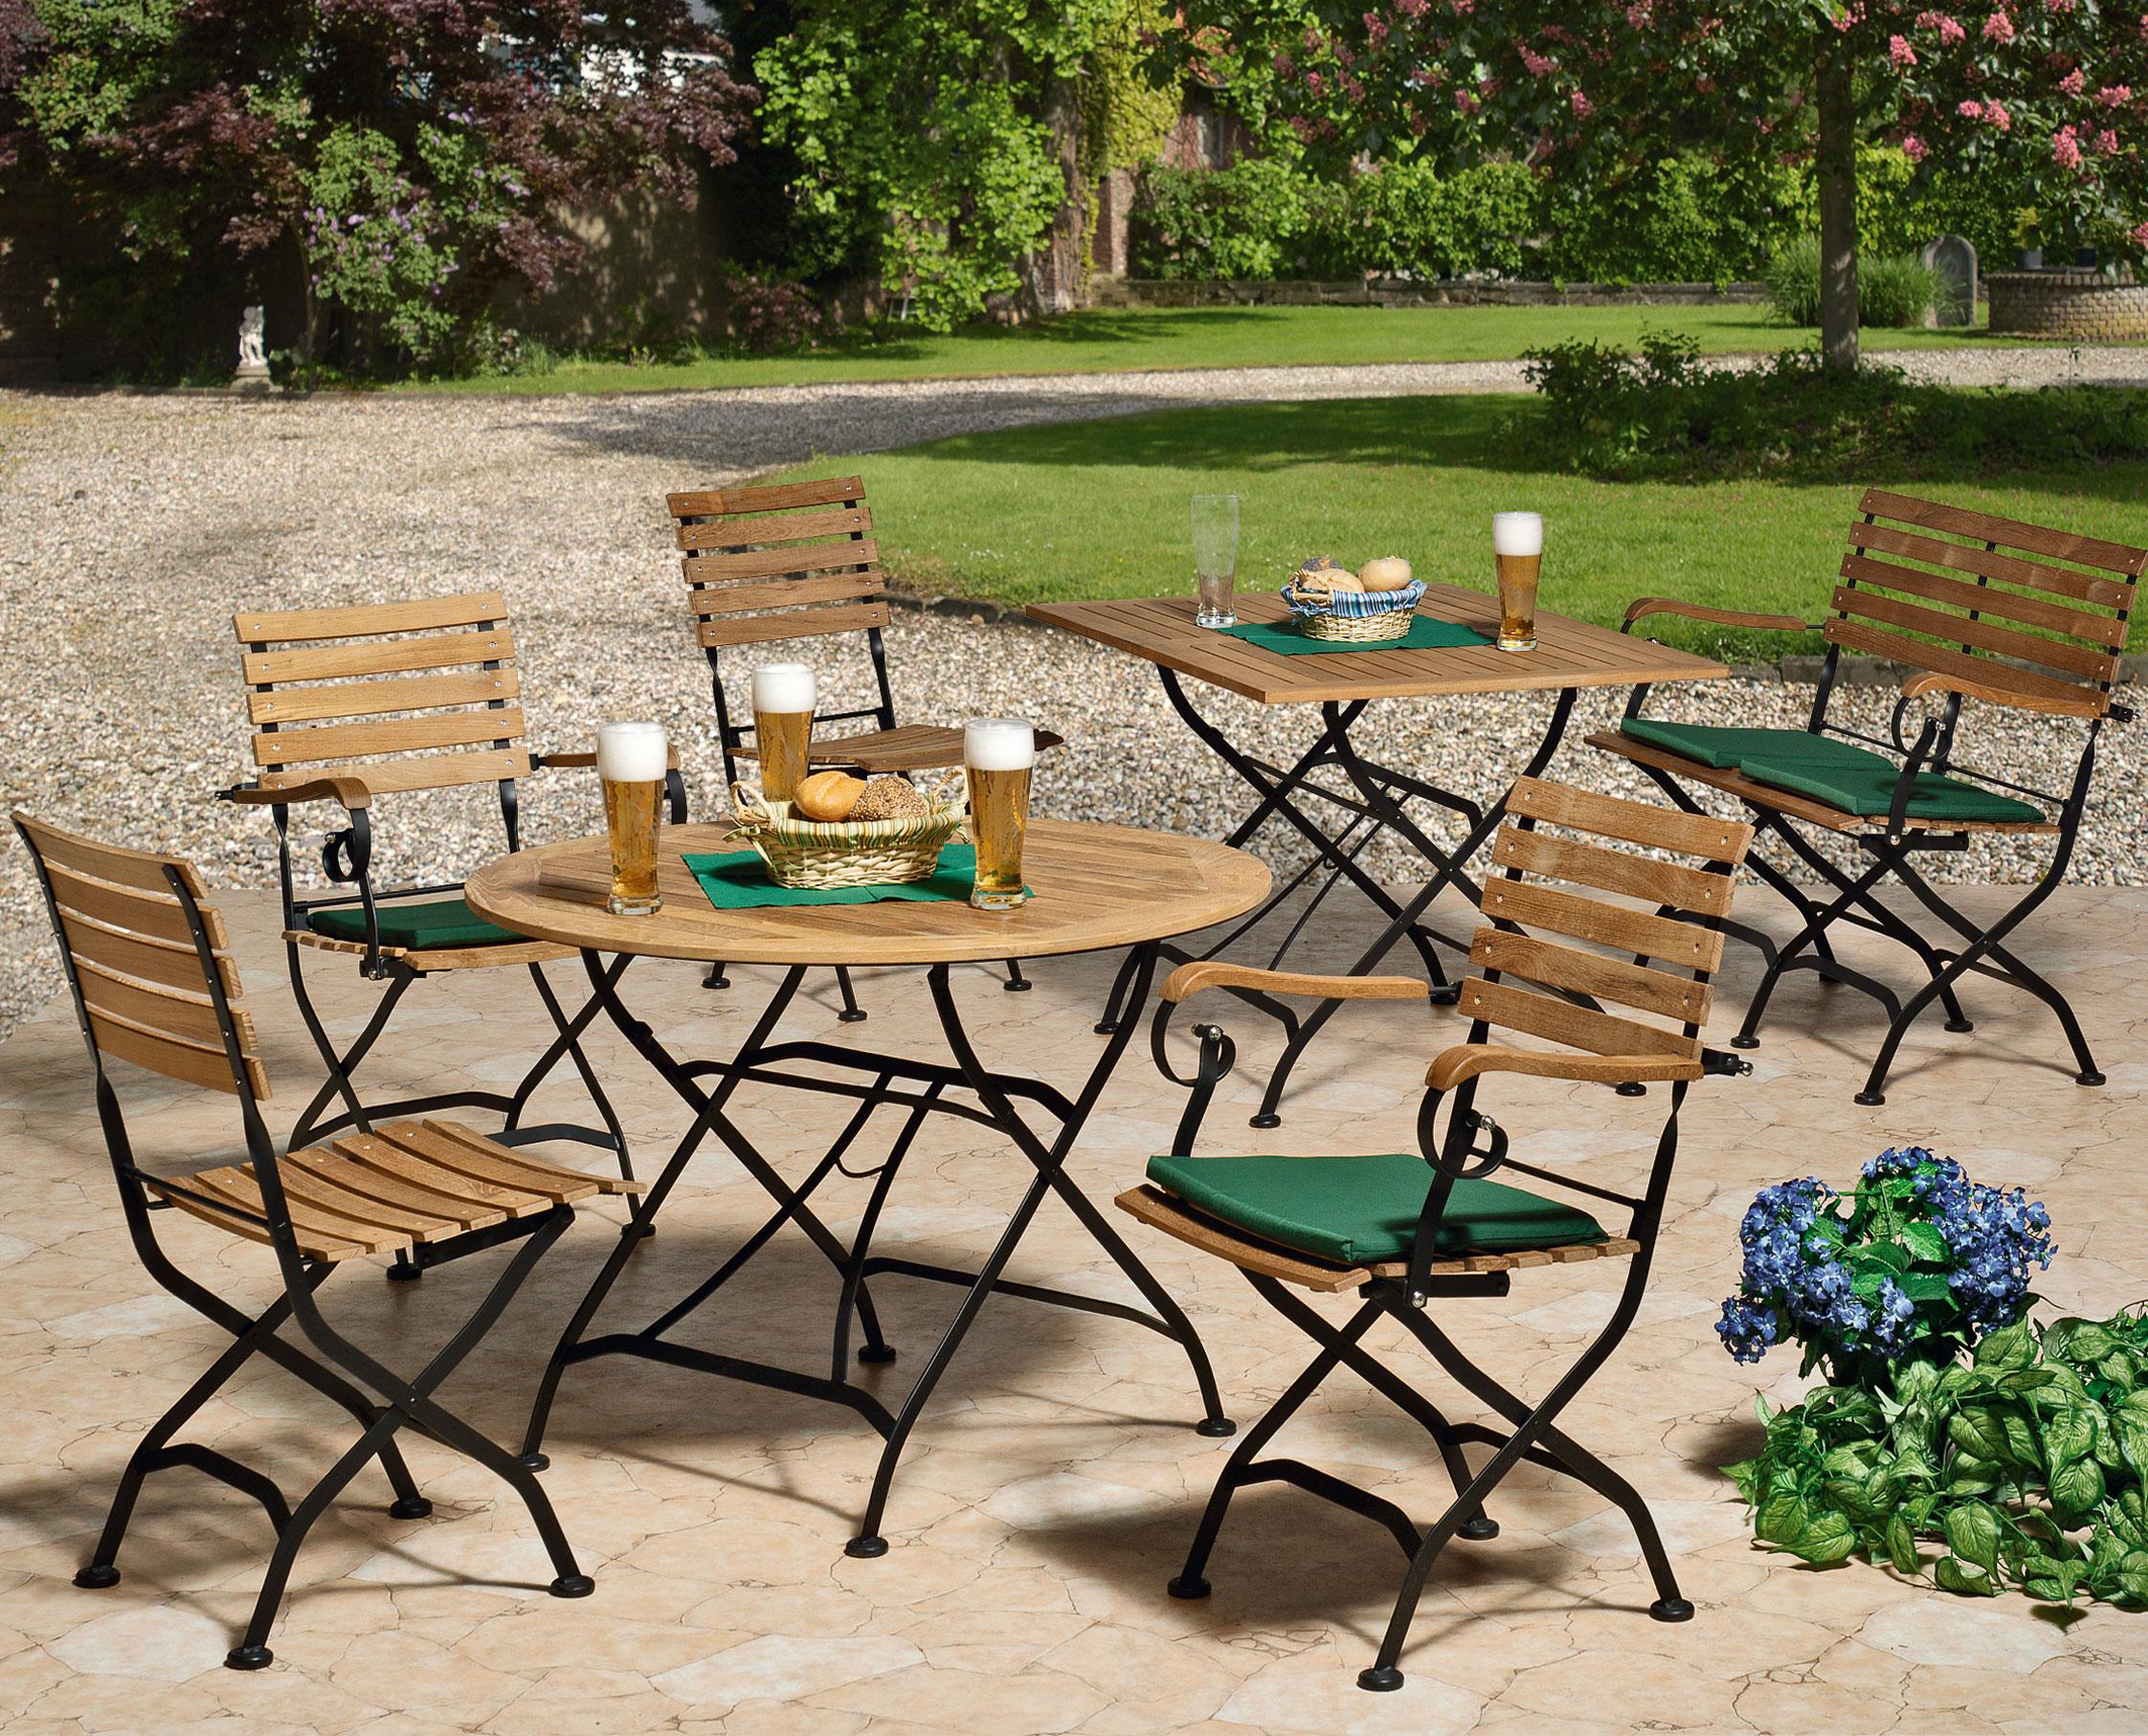 Siena Garden Gartentisch Biergartenmöbel klappb. Peru II 80x80cm Teak Bild 2